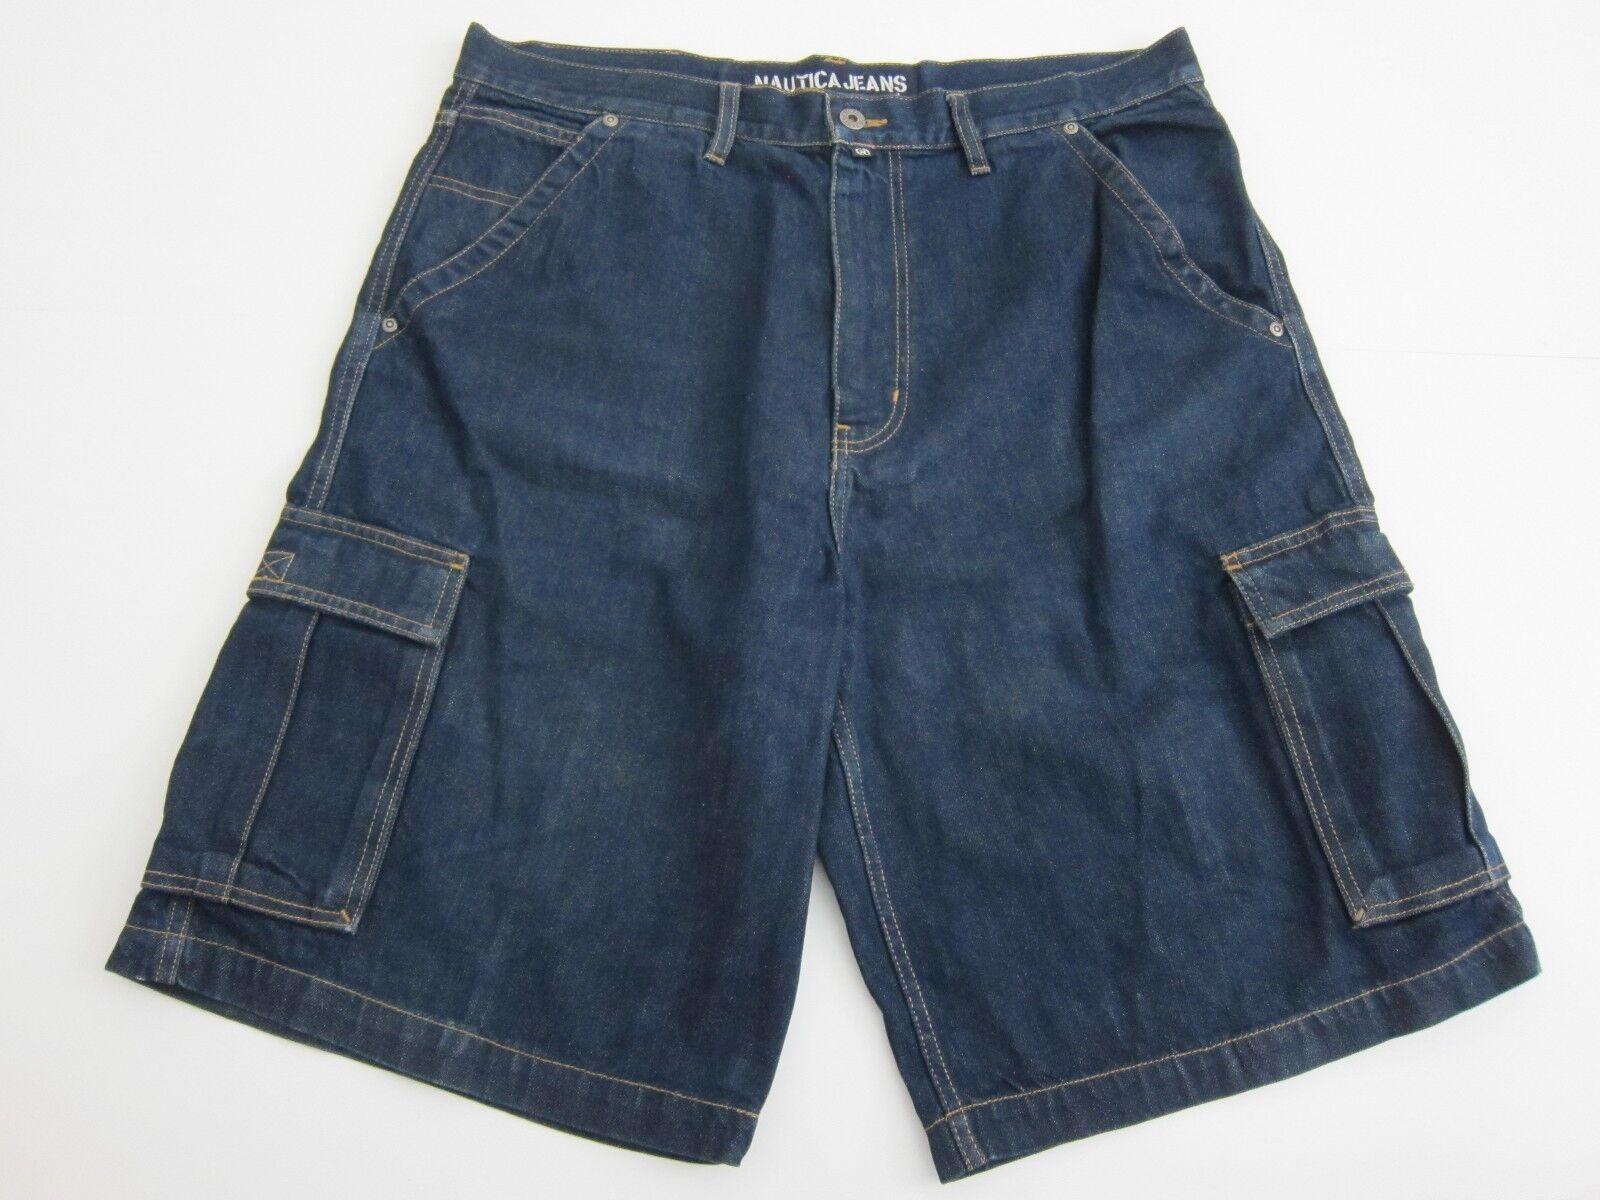 Vintage Nautica Jeans 100% Cotton Denim Cargo Shorts Men's Size 36